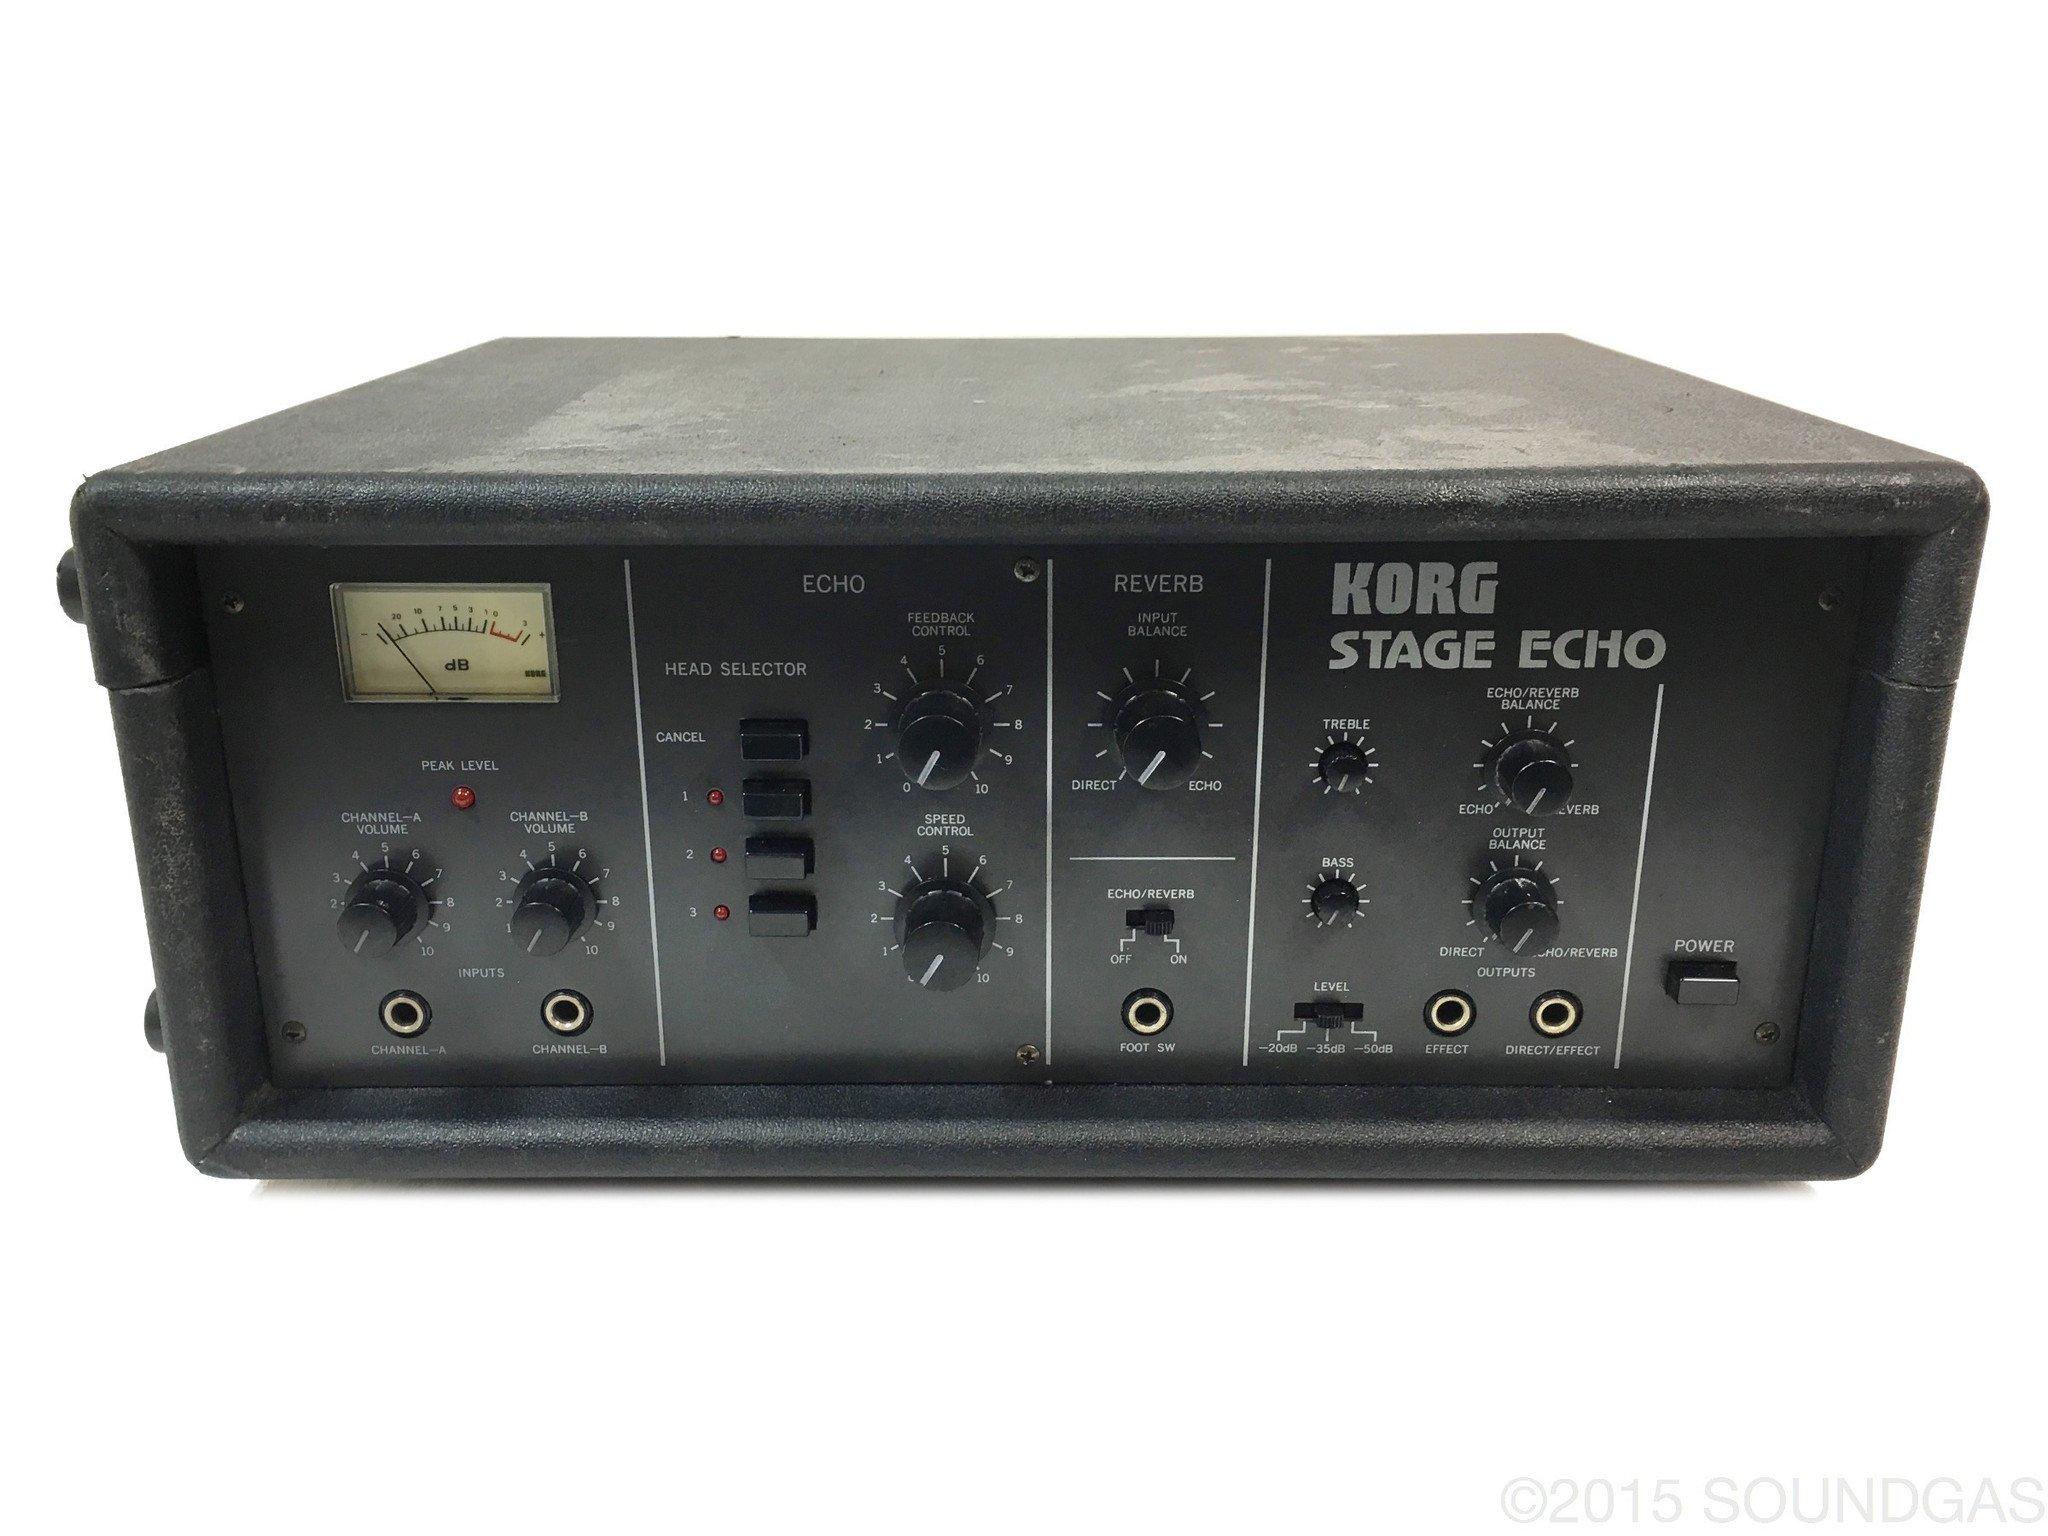 KORG S-300 STAGE ECHO